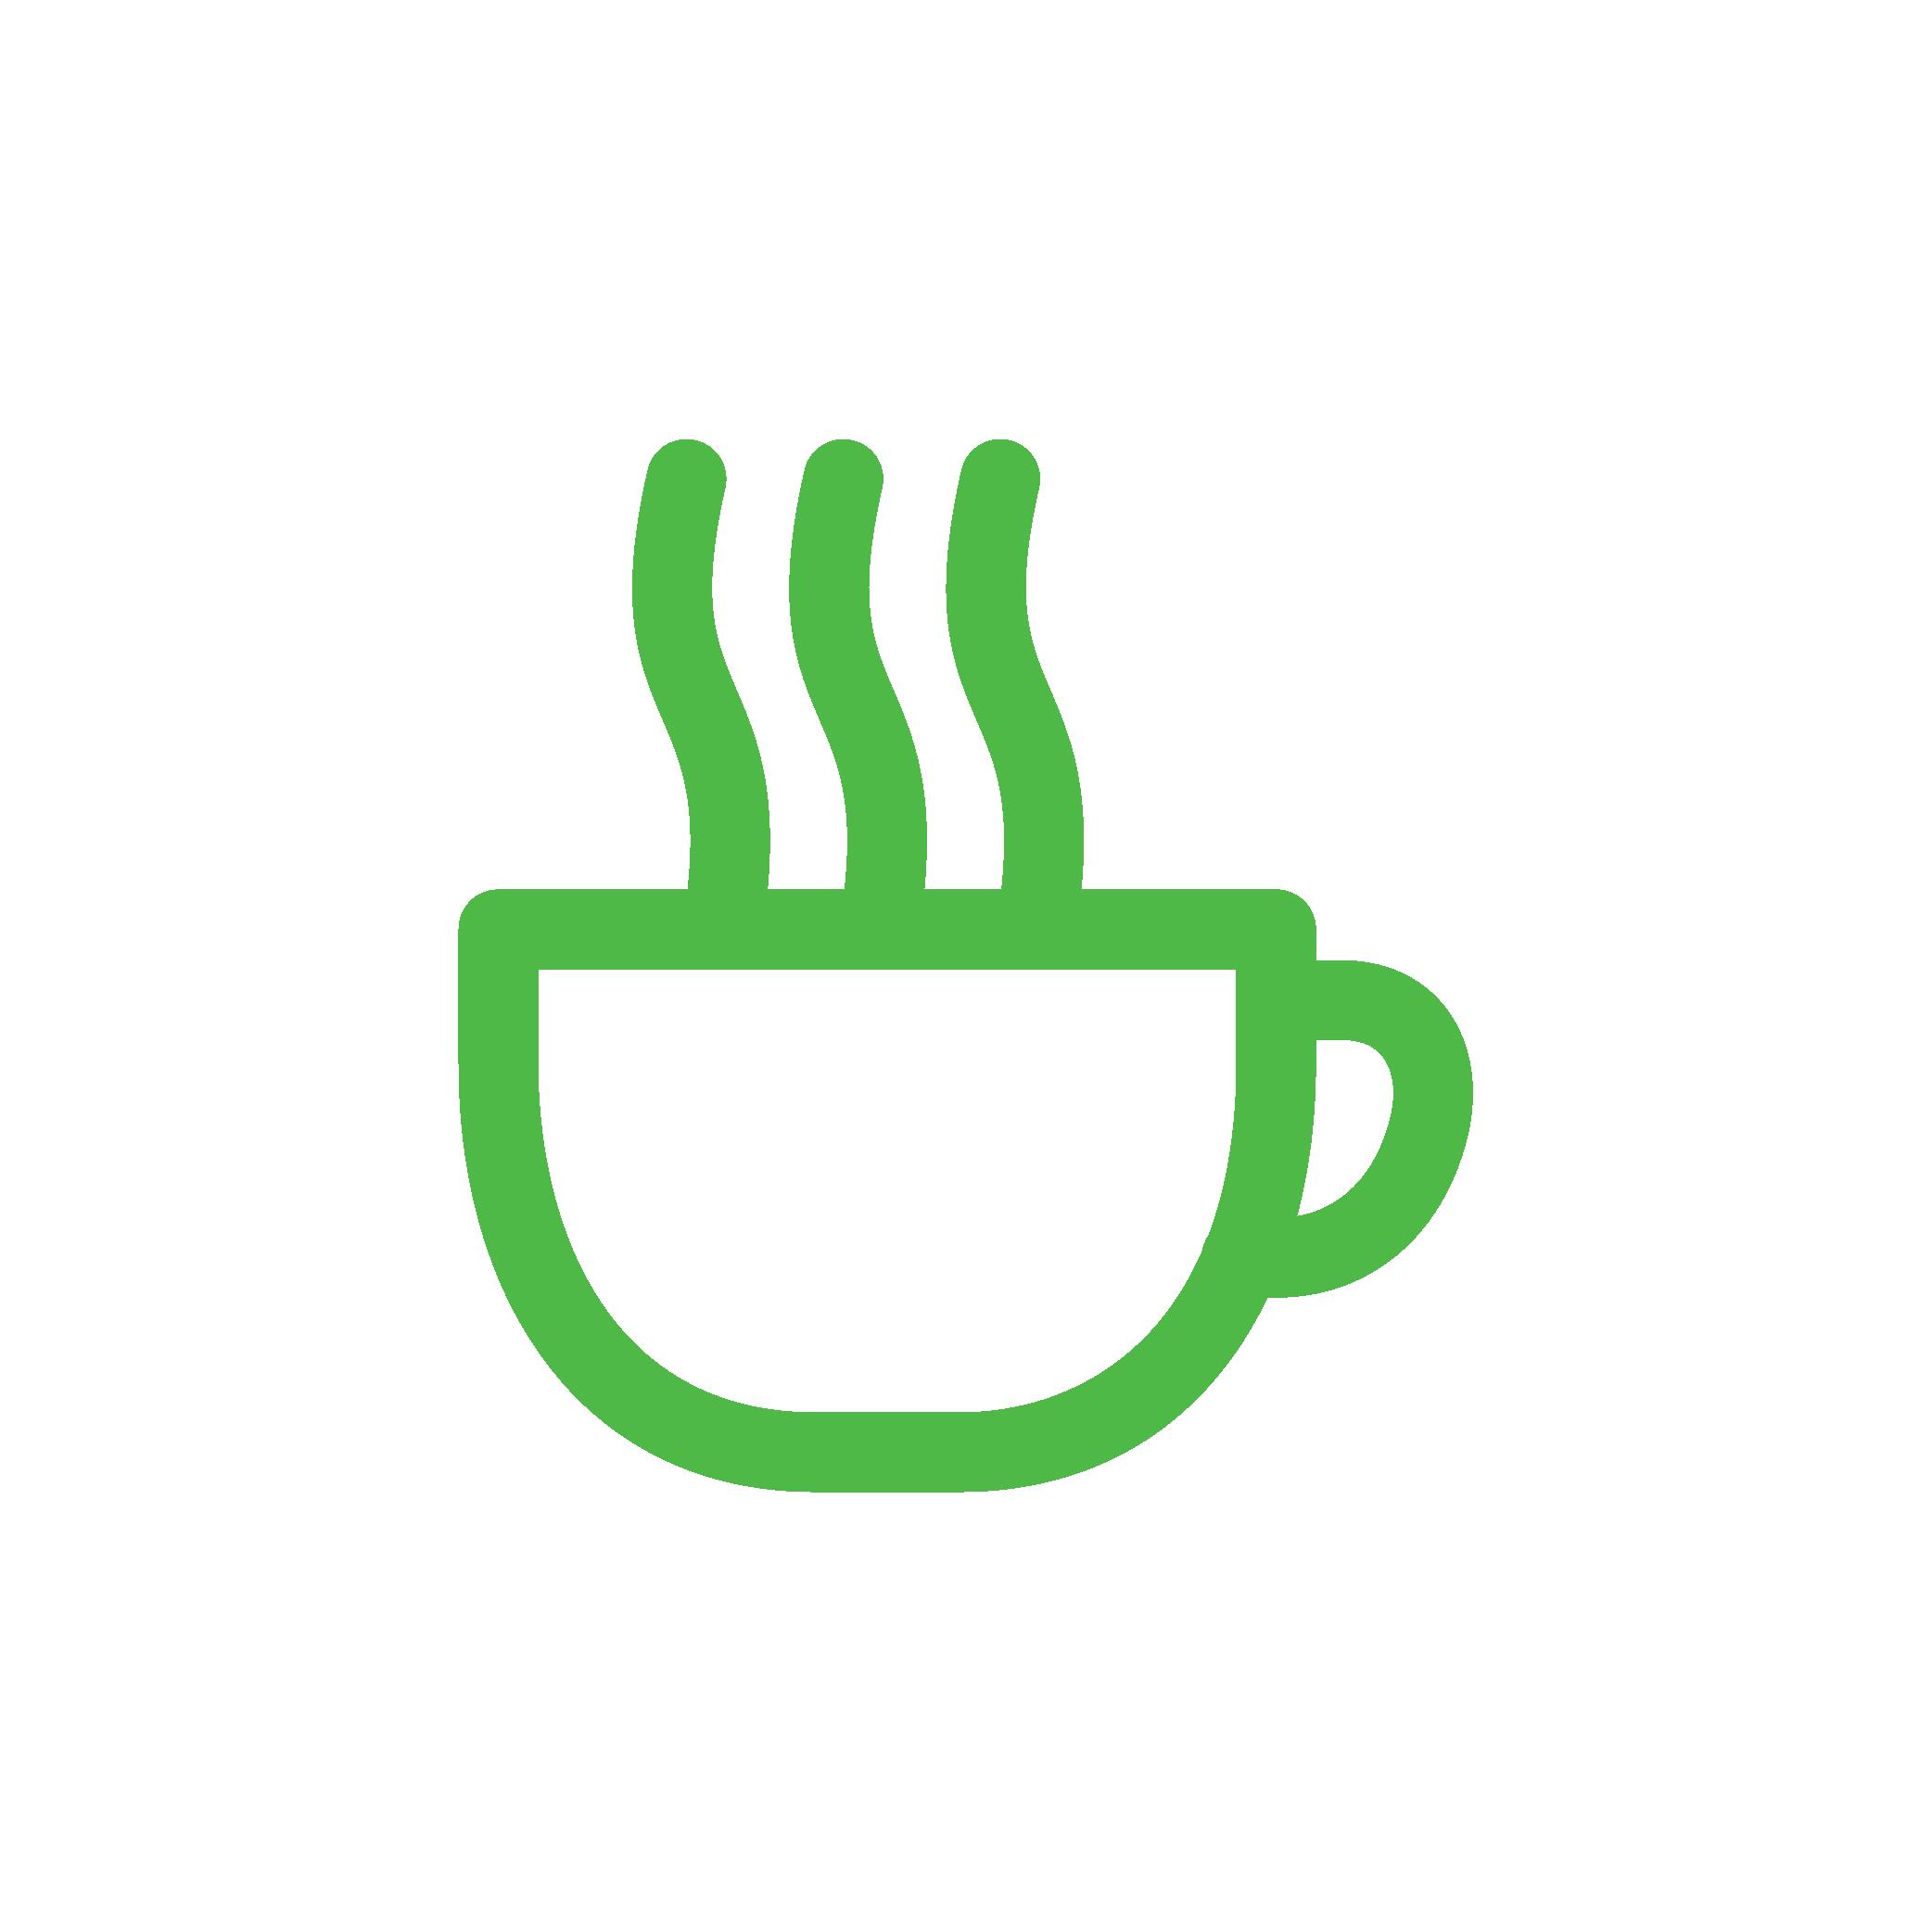 [coffee] -